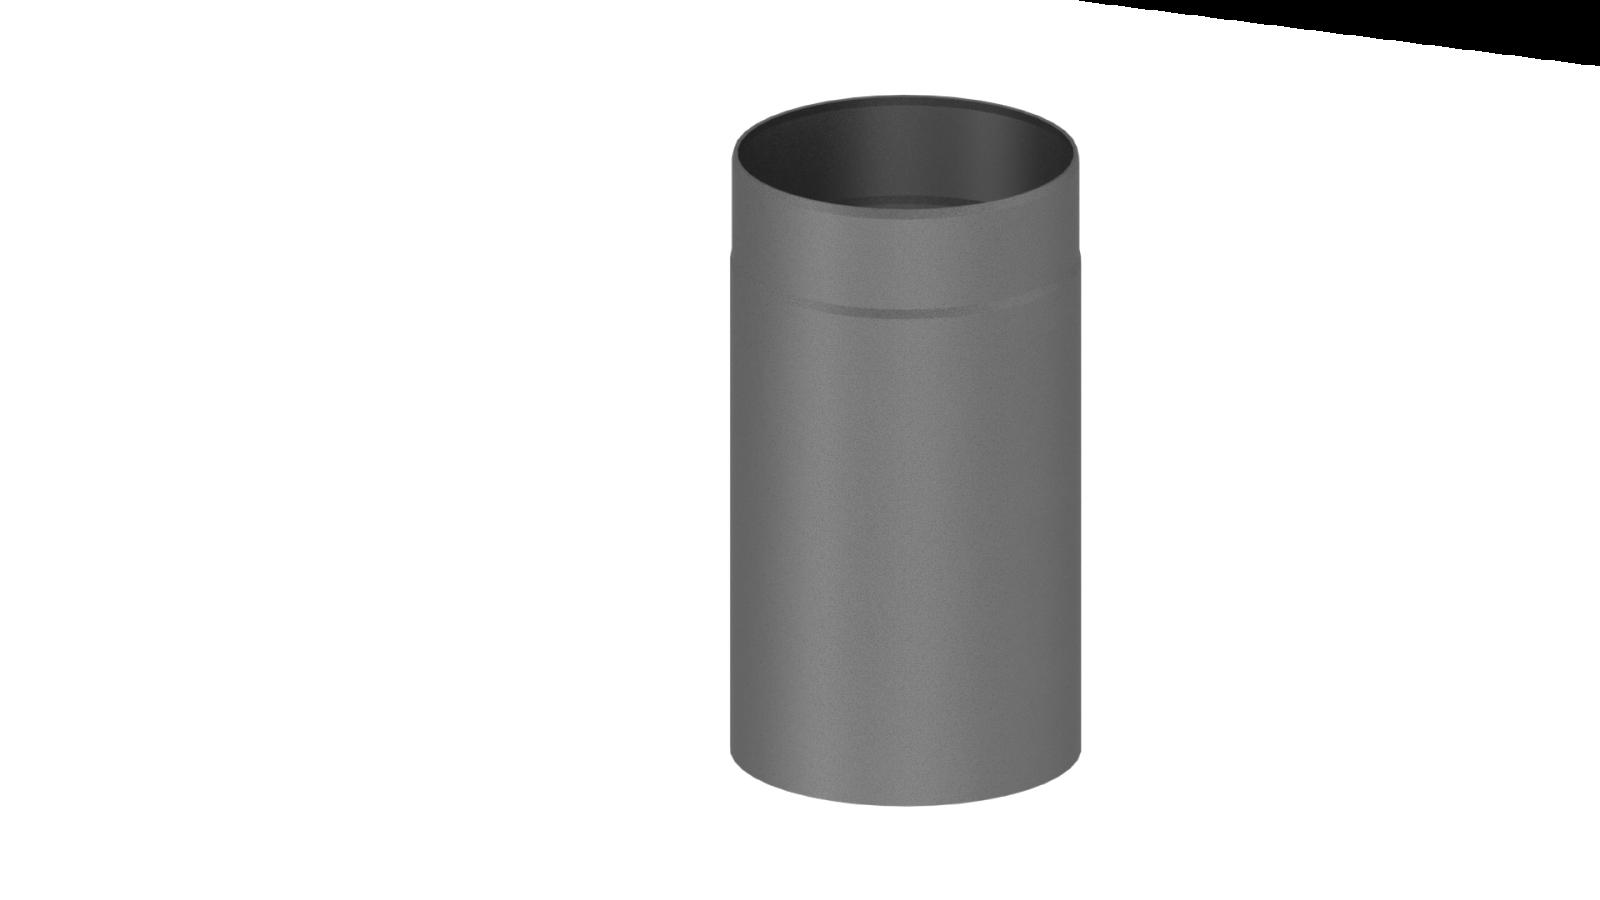 el ment droit 330mm gris conduit po le bois double paroi tec fr isoline chemineeo. Black Bedroom Furniture Sets. Home Design Ideas